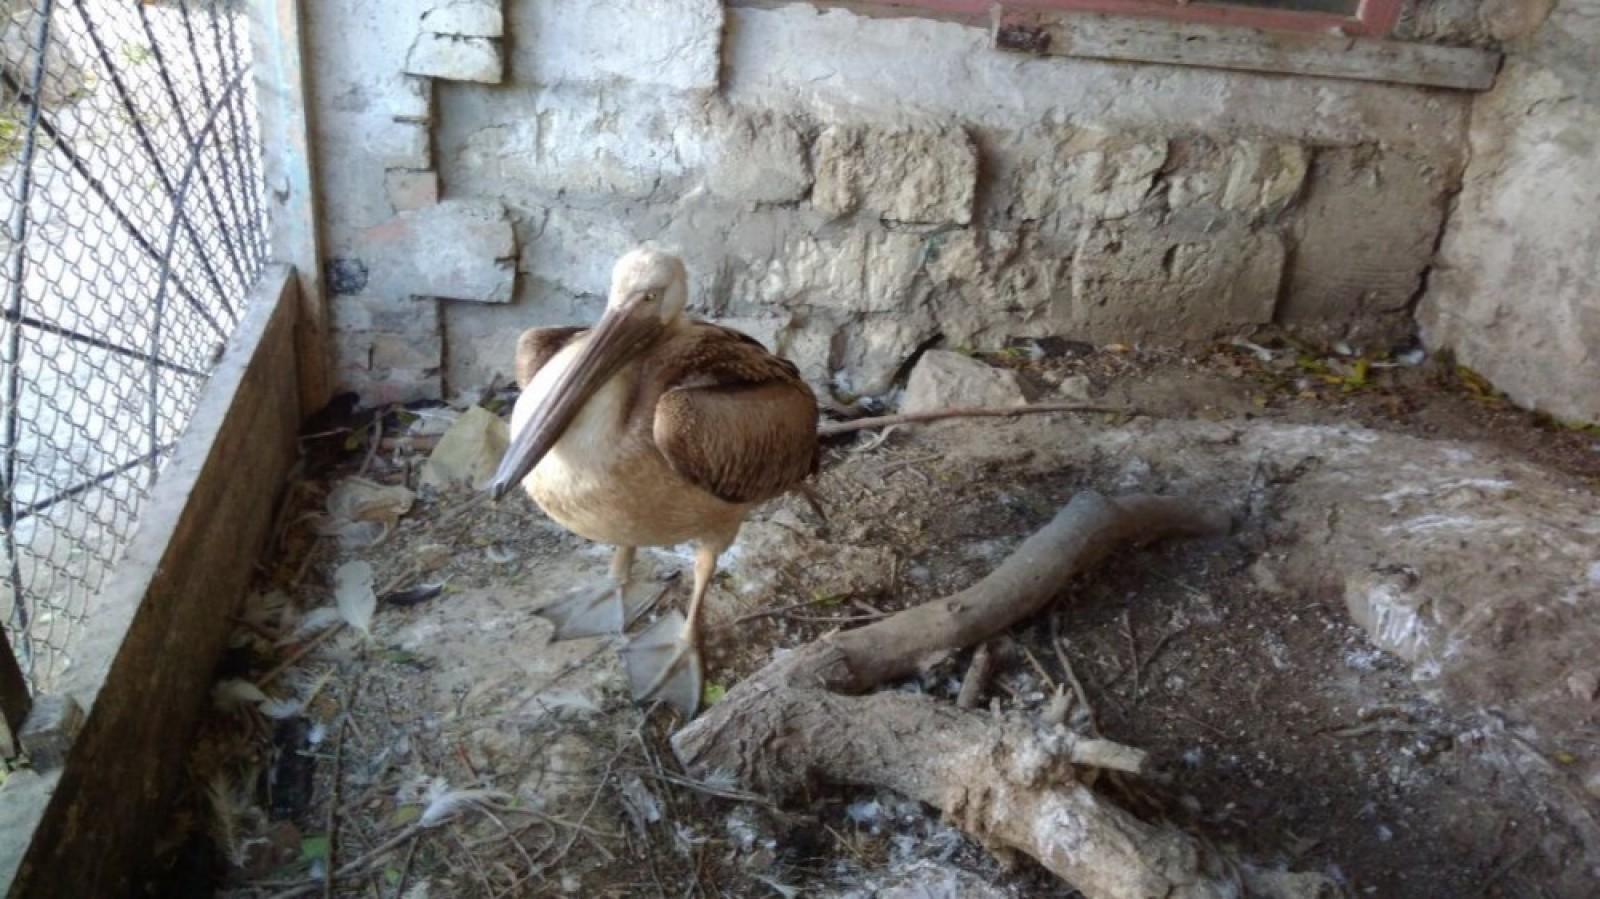 Краснокнижного птенца пеликана спасли вФеодосии